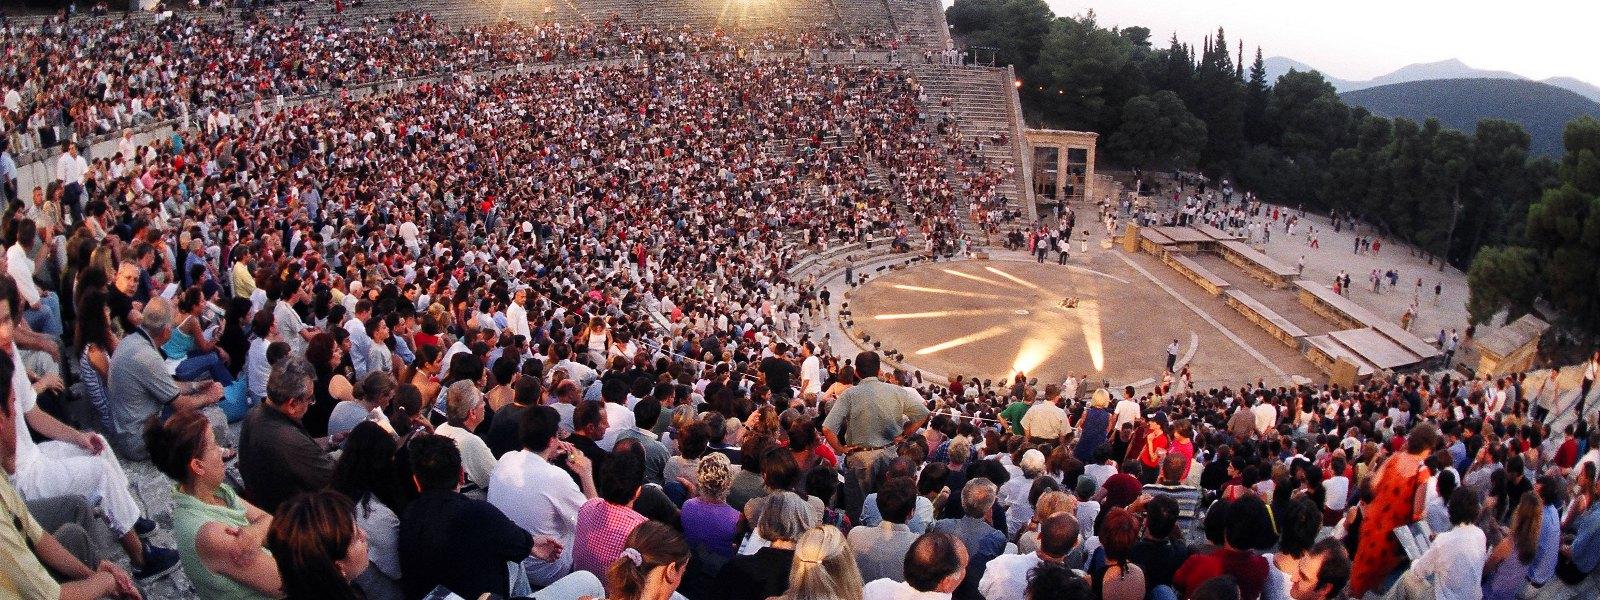 Voorstelling in het Theater van Epidavros